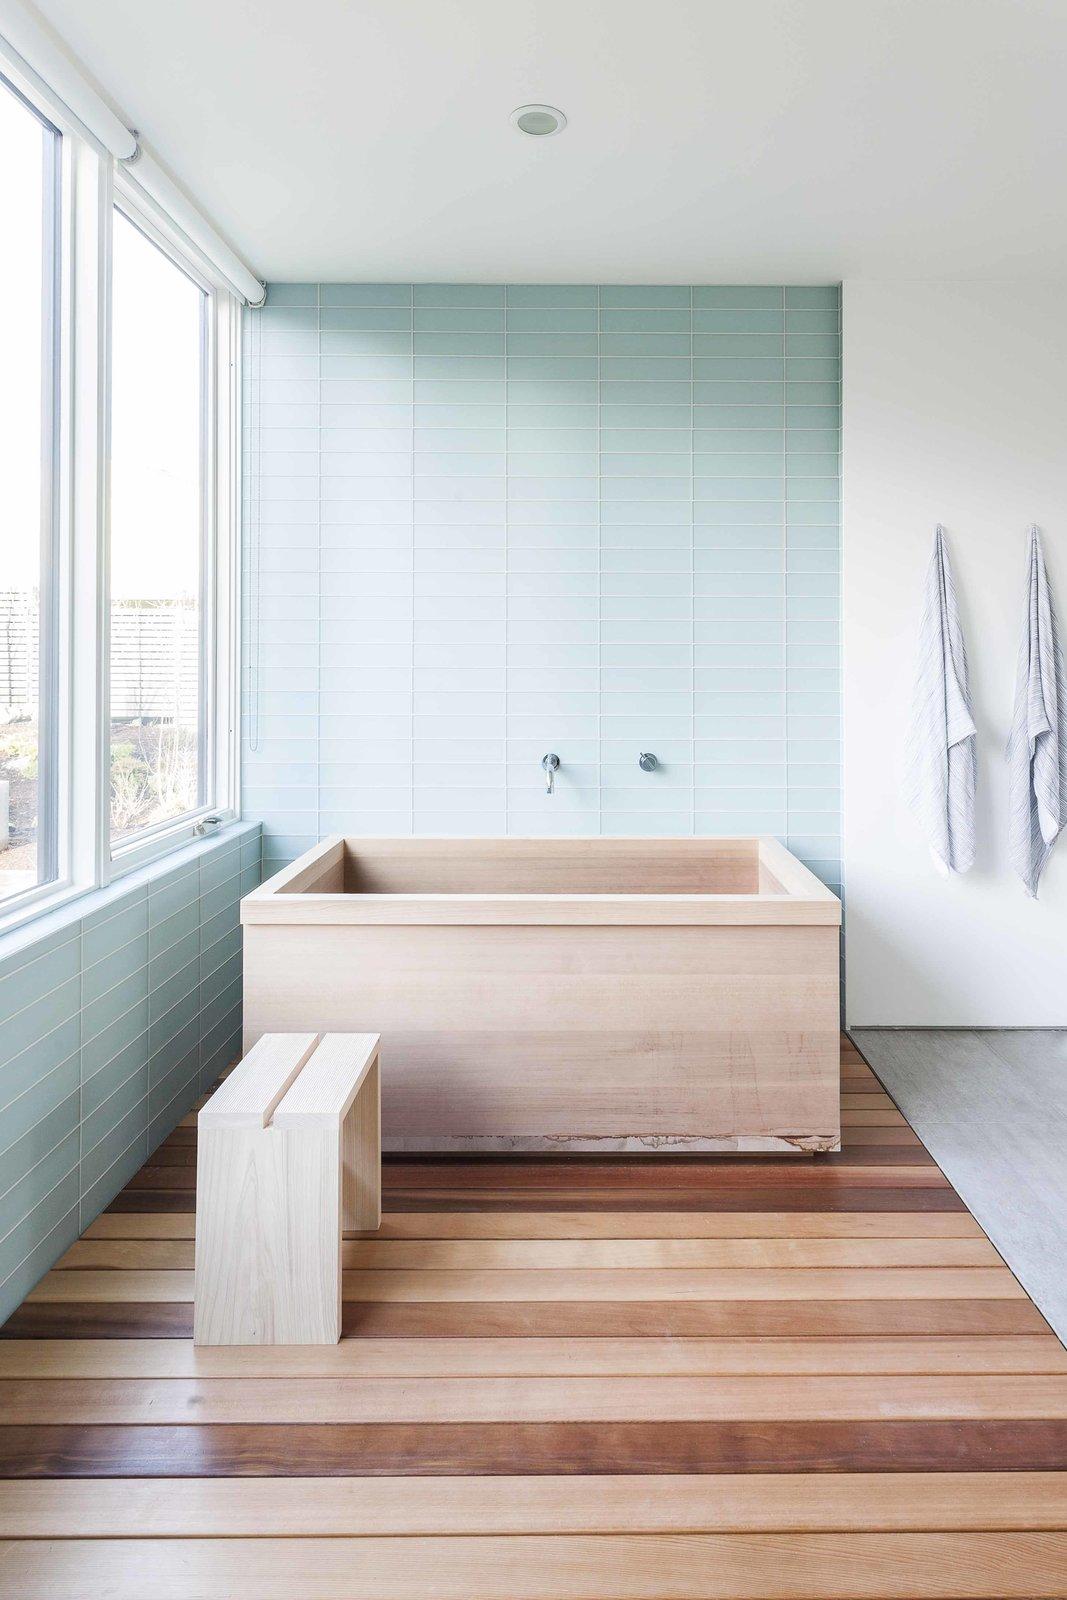 Hướng đông: Đây là phòng tắm lấy cảm hứng từ phong cách Nhật Bản. Phòng tắm này chỉ gồm một chiếc bồn tắm gỗ tuyết tùng, một chiếc ghế và vài móc đồ để treo khăn tắm. Điểm nhấn của phòng tắm này là cửa sổ lớn, đón ánh sáng tự nhiên.